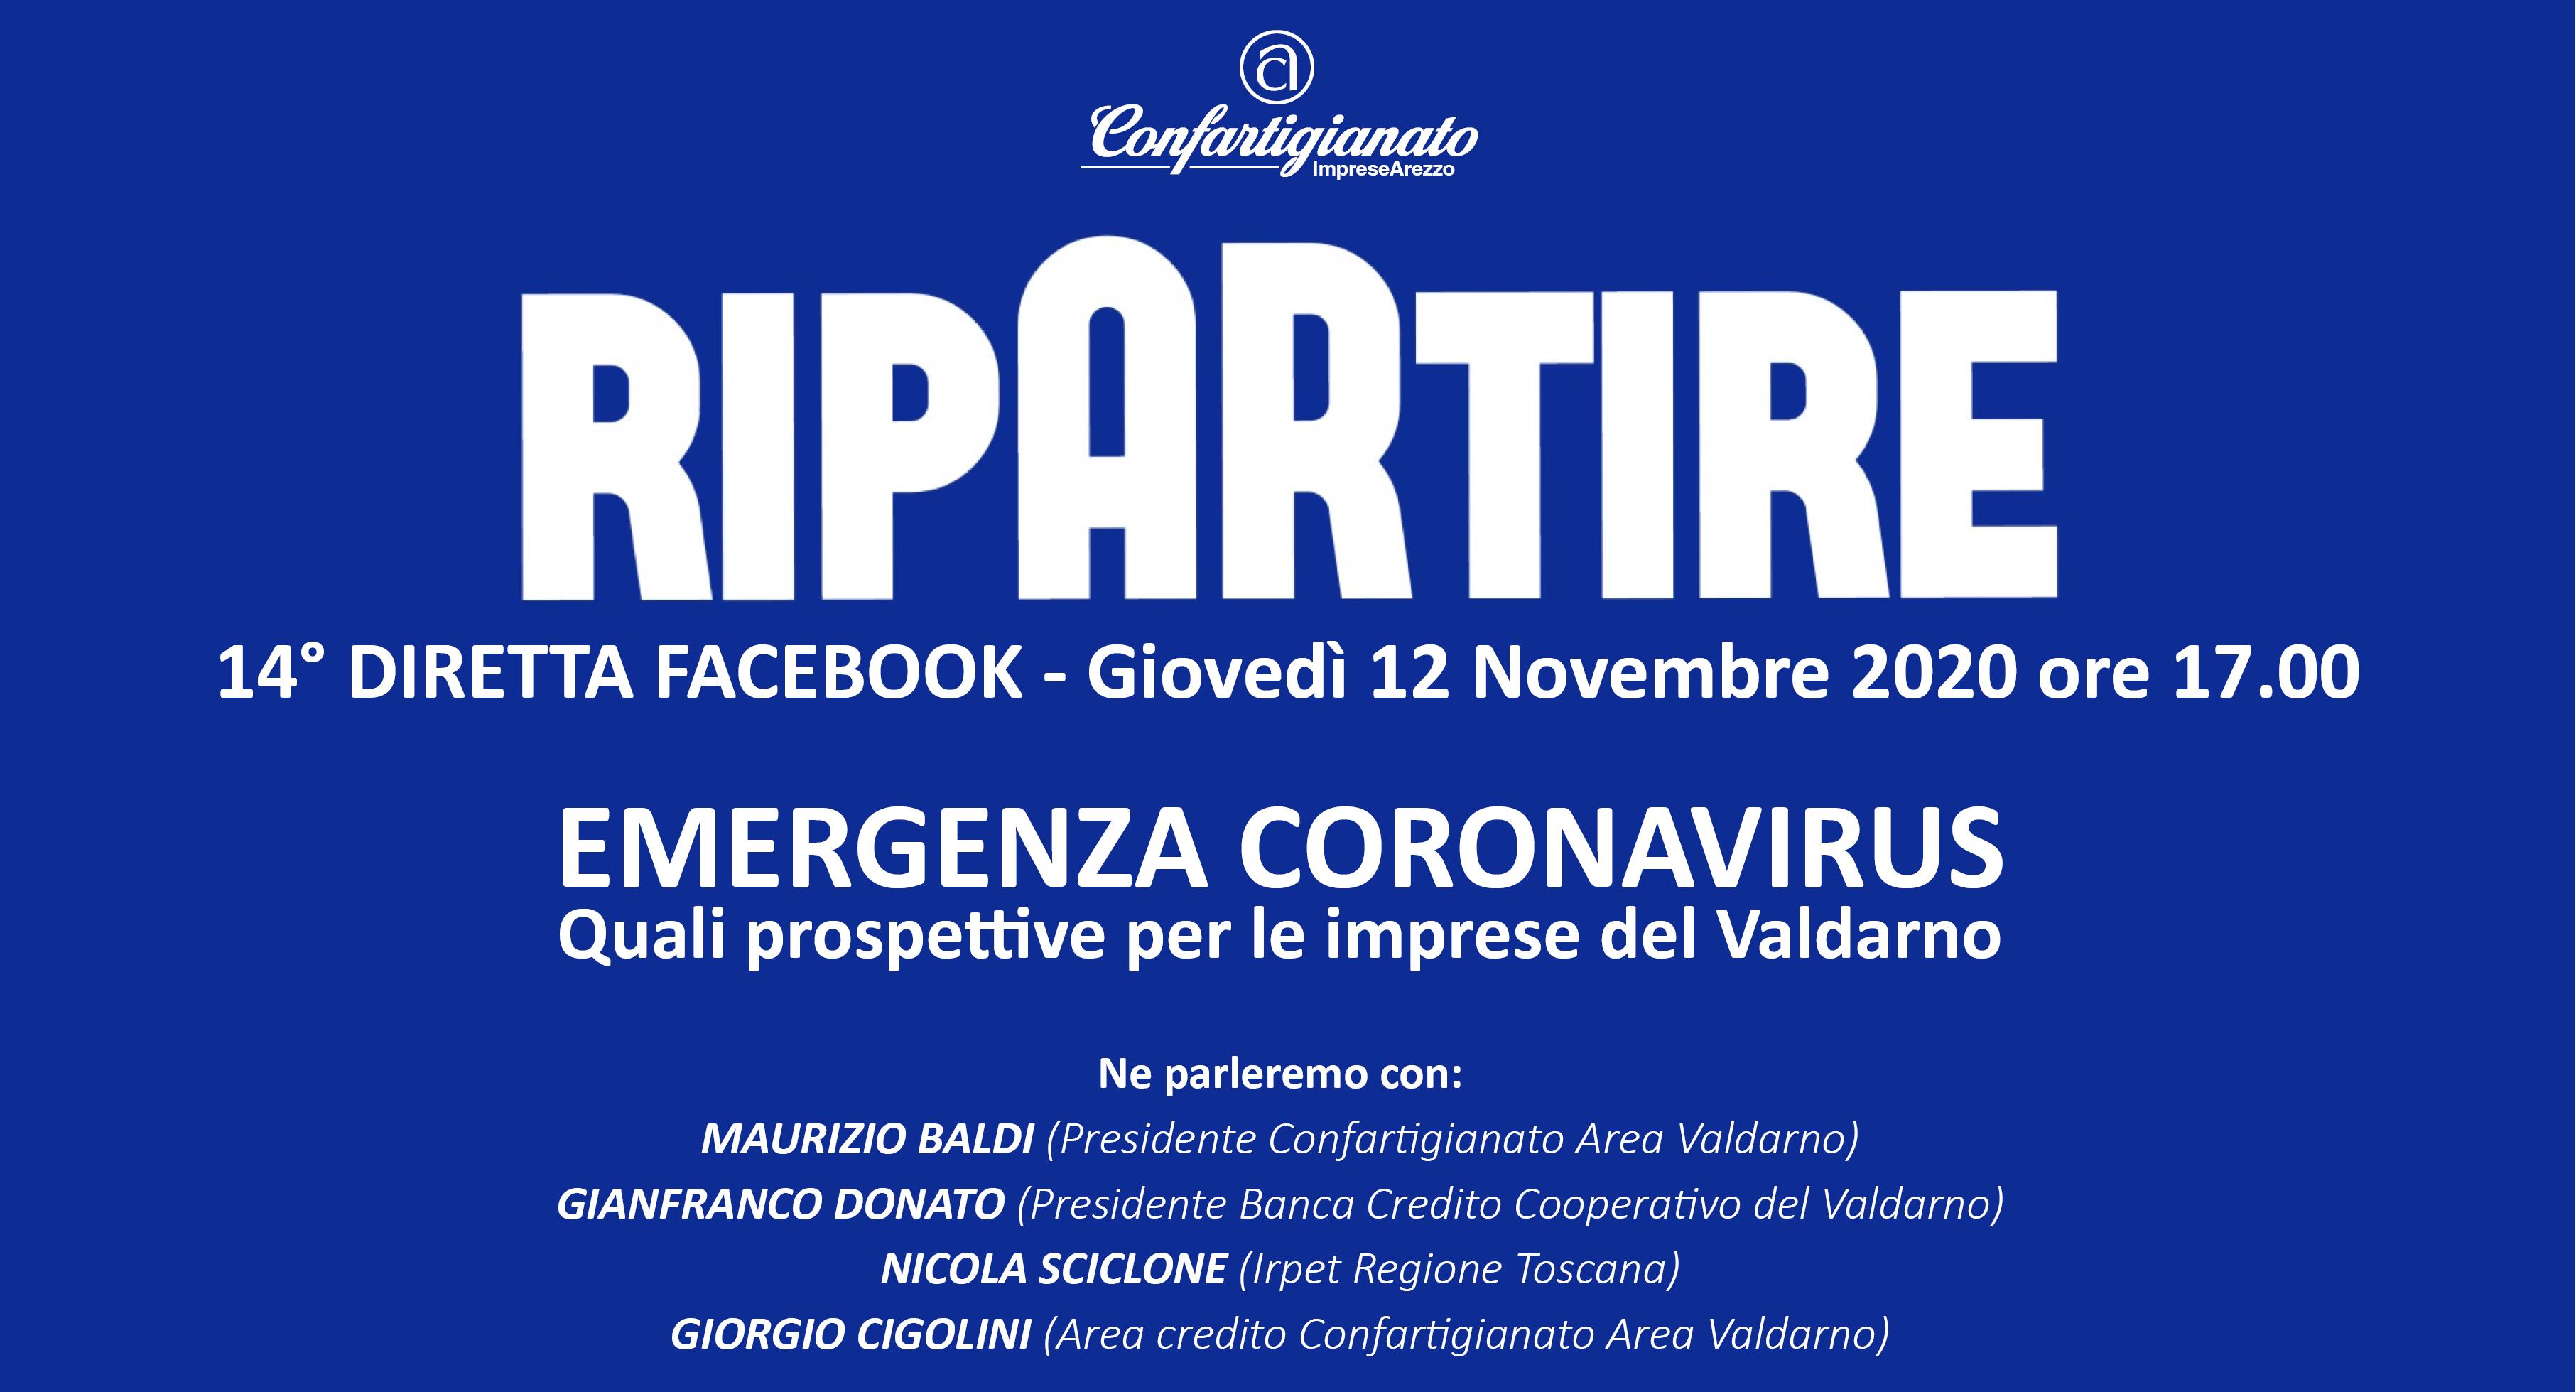 EMERGENZA CORONAVIRUS. Quali prospettive per il Valdarno - Ripartire 12.11